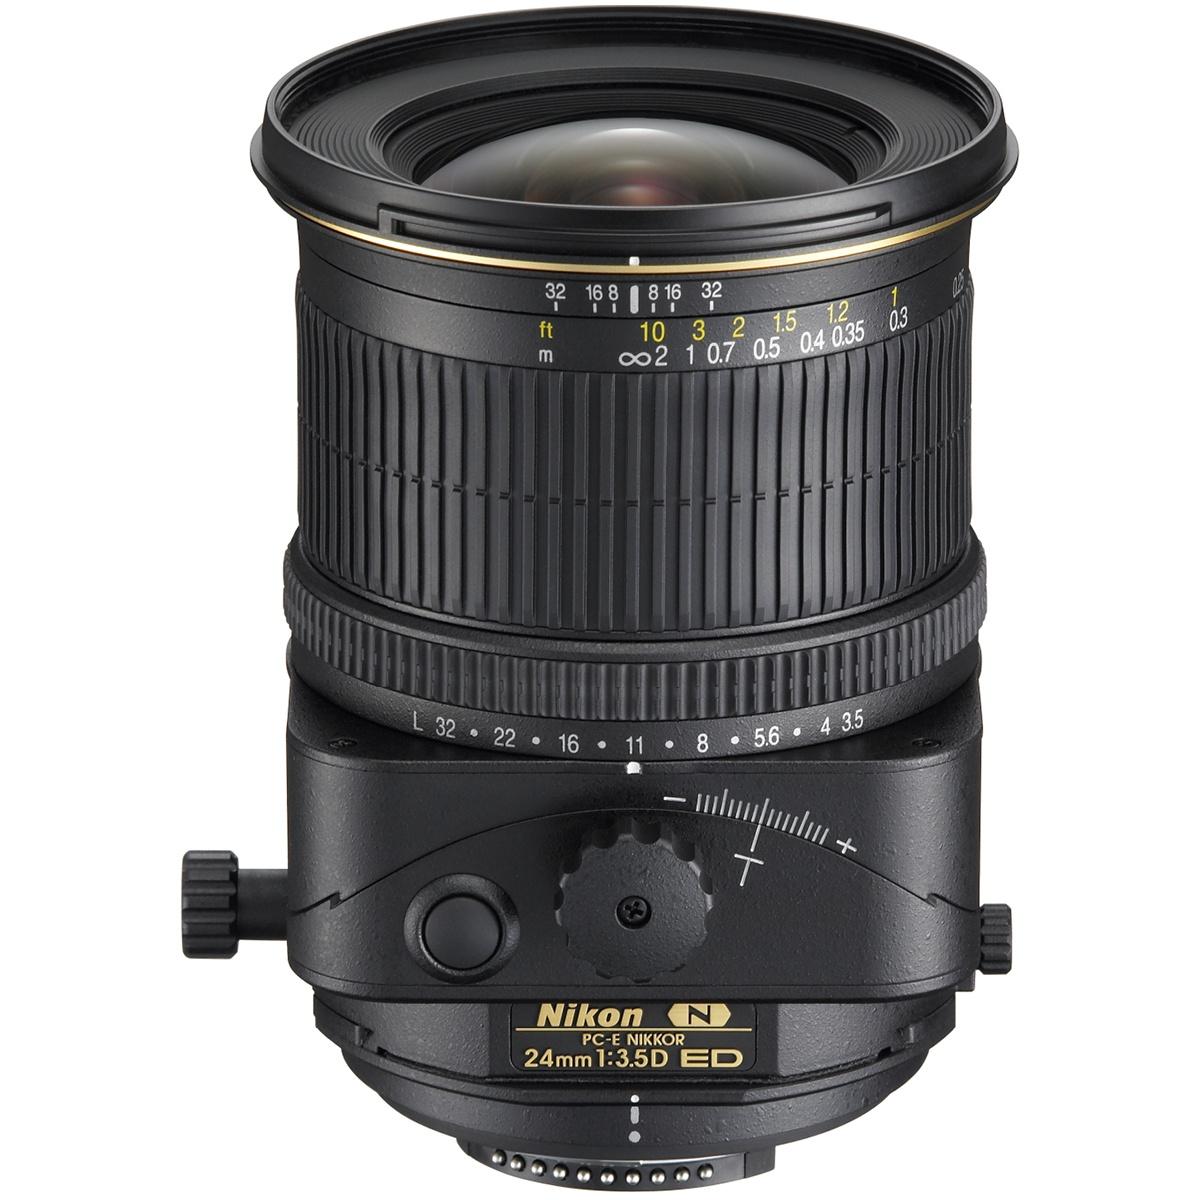 Nikon 24mm 1:3,5 PC-E Nikkor D ED